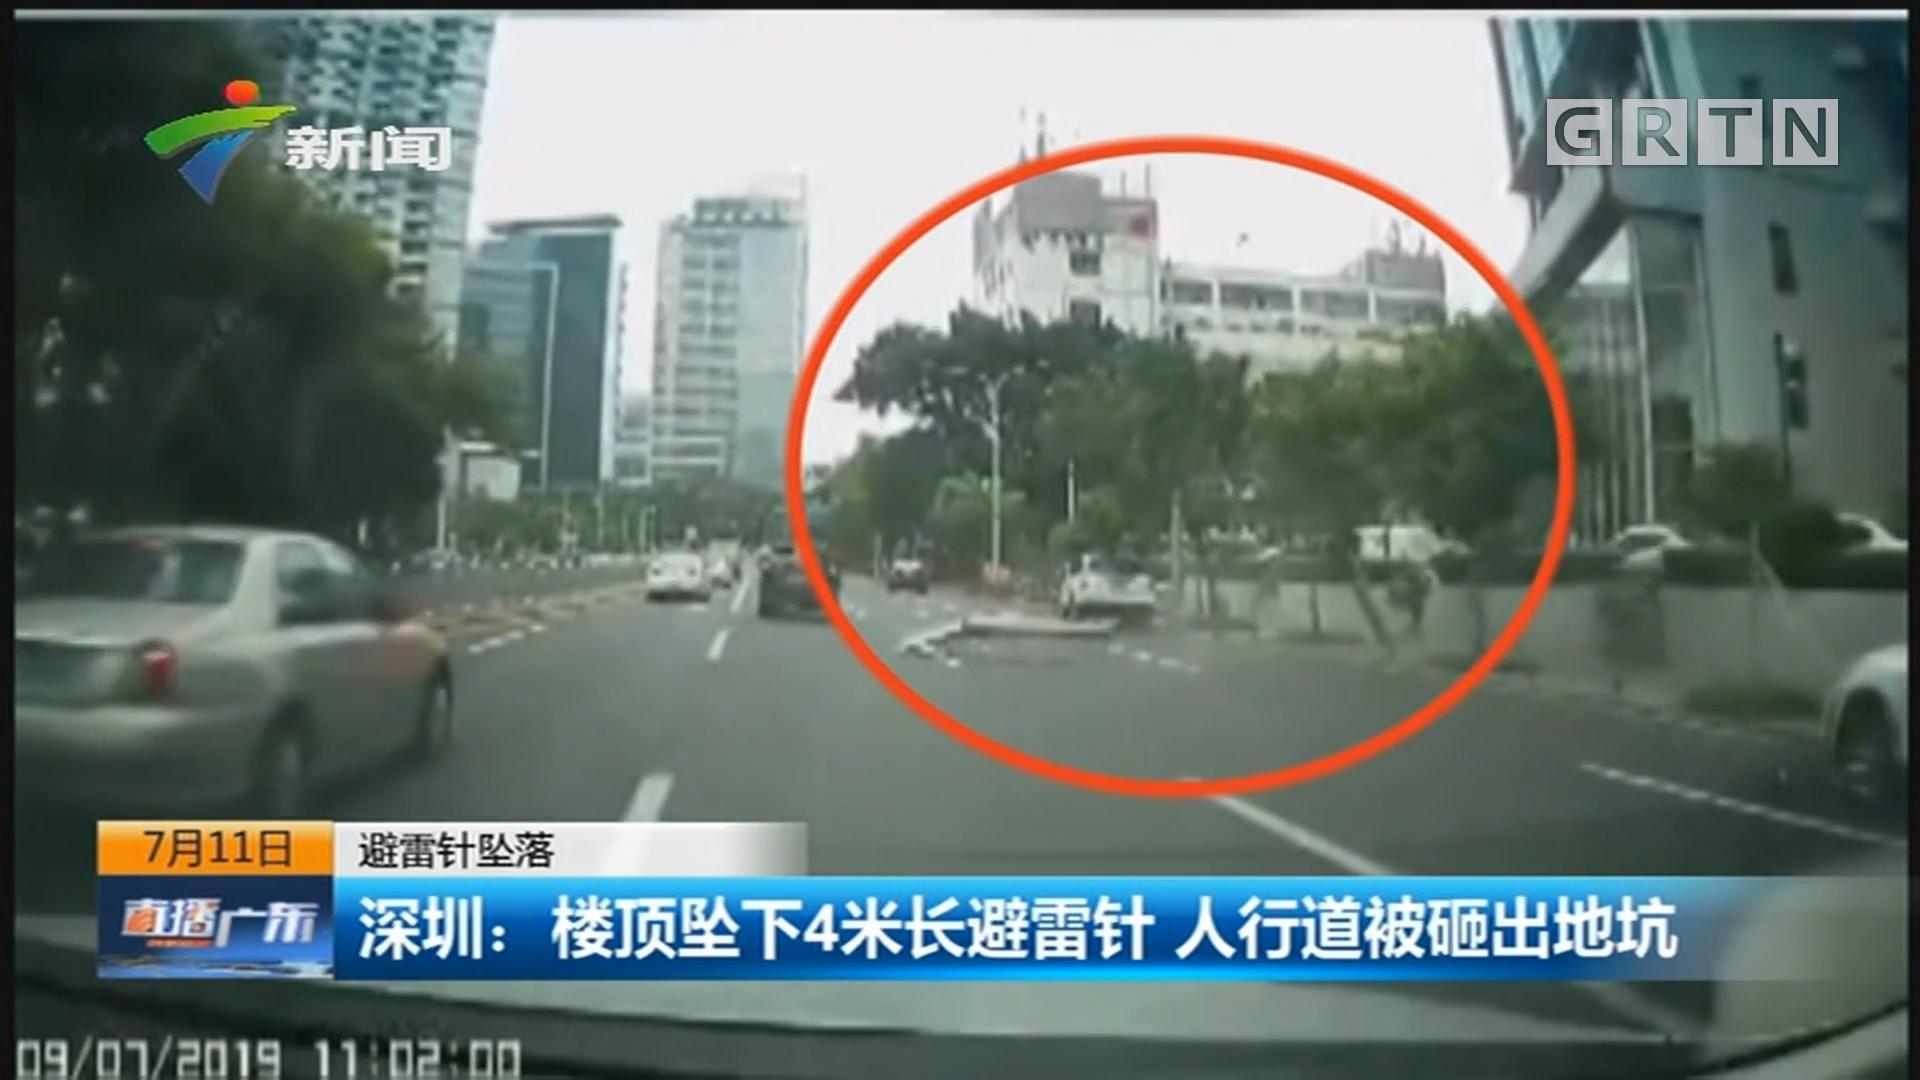 避雷针坠落 深圳:楼顶坠下4米长避雷针 人行道被砸出地坑